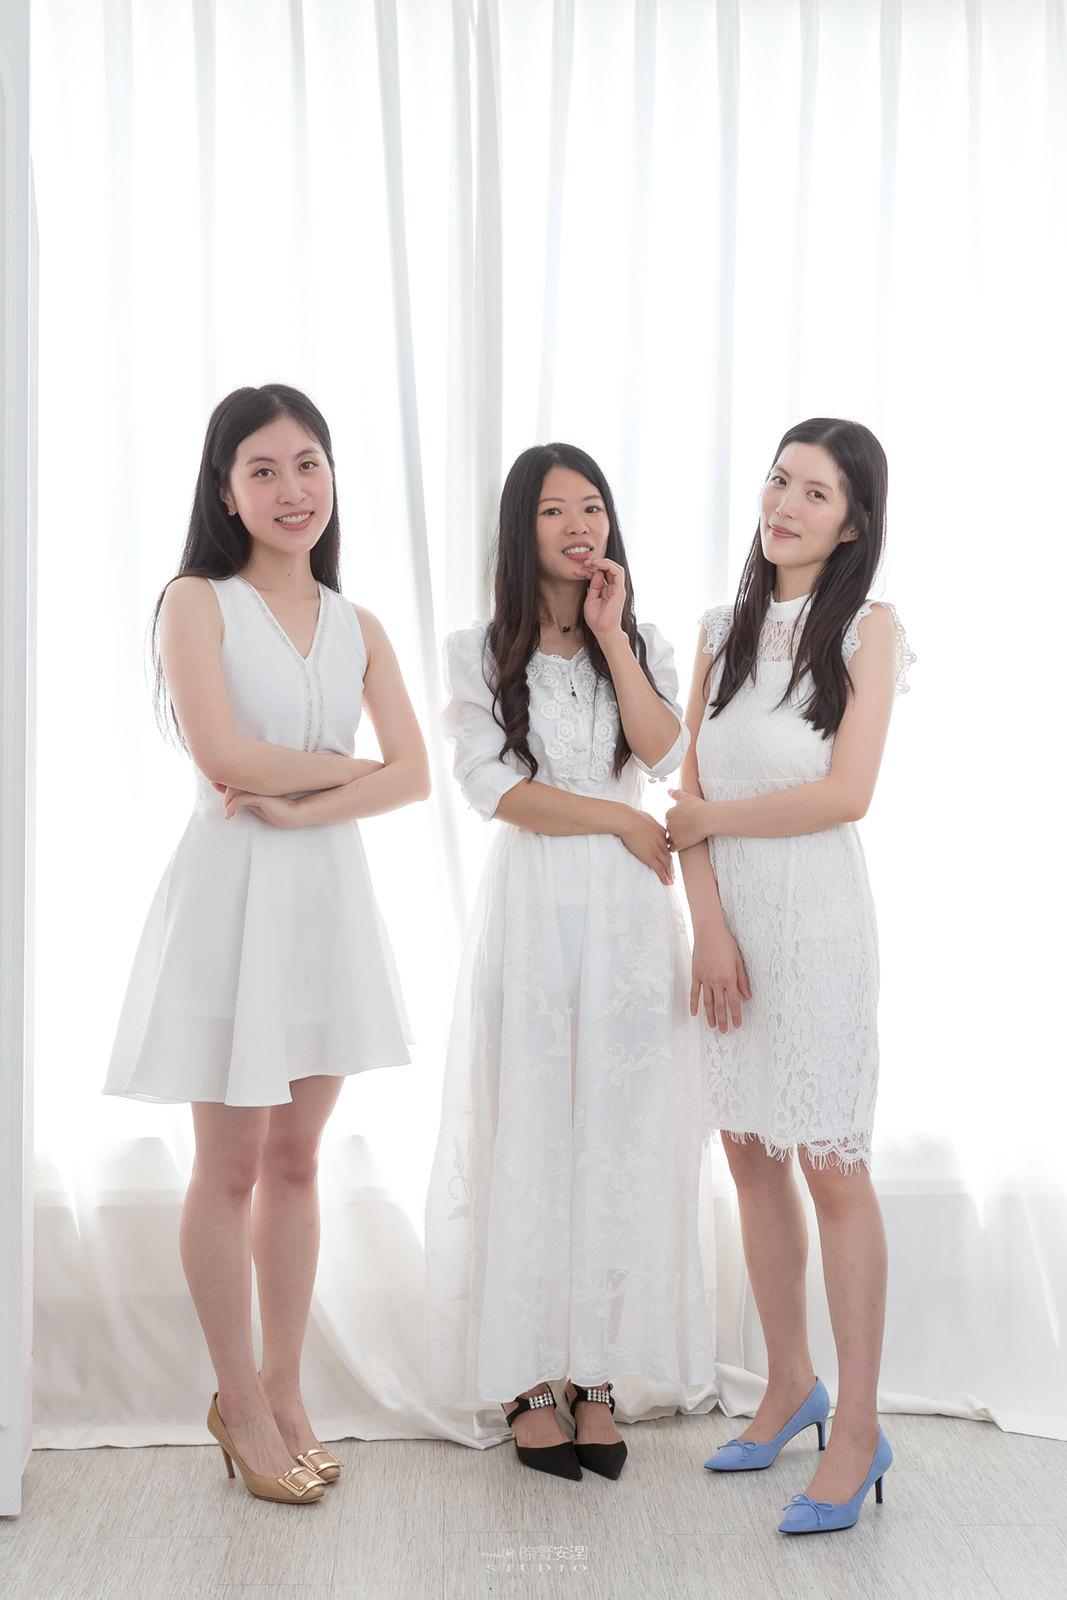 台南全家福 | 拋棄傳統合照的彆扭,忠實呈現家人間最親密的情感20